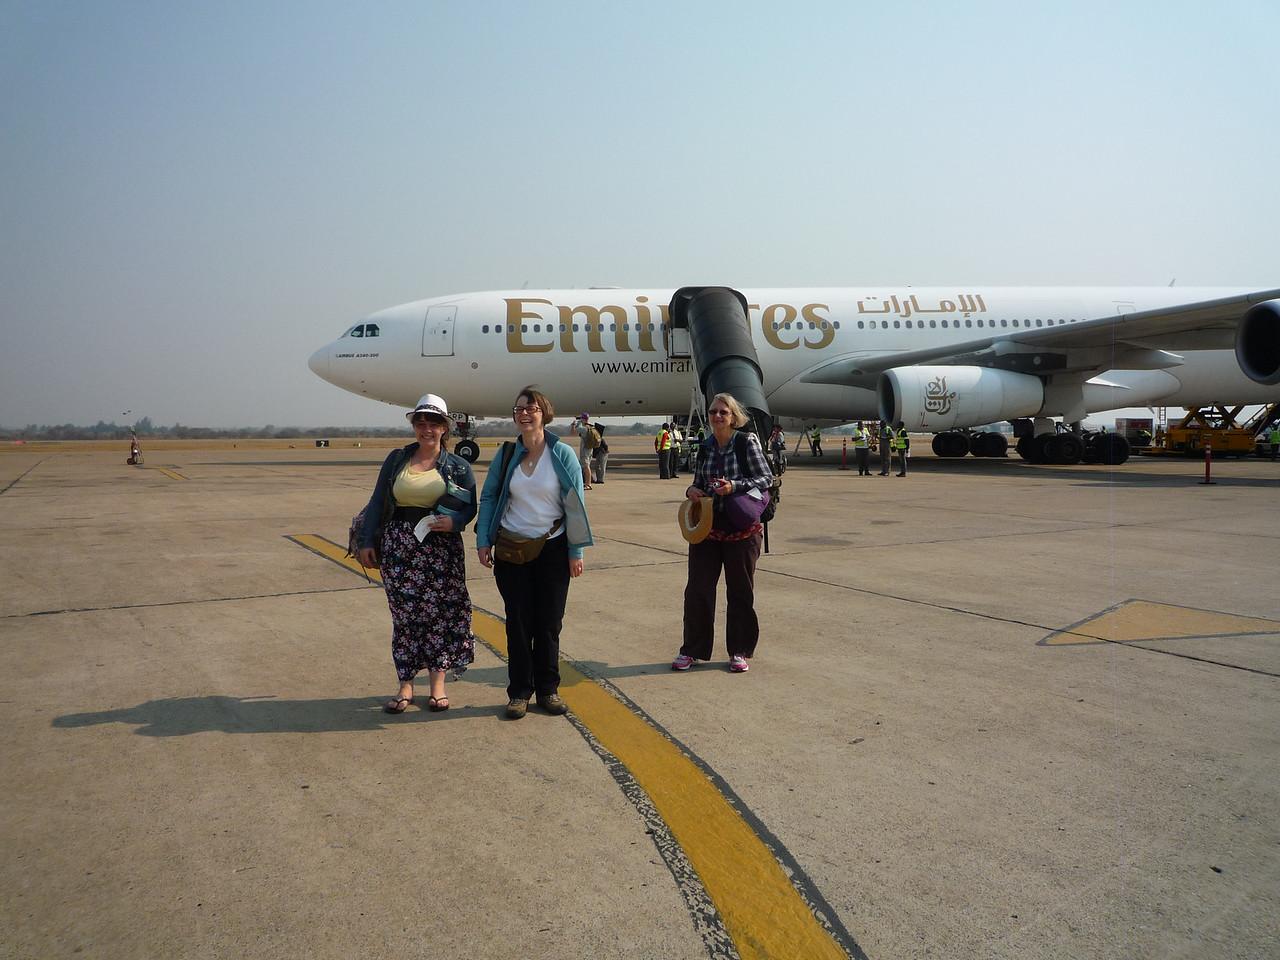 Landing at Lusaka